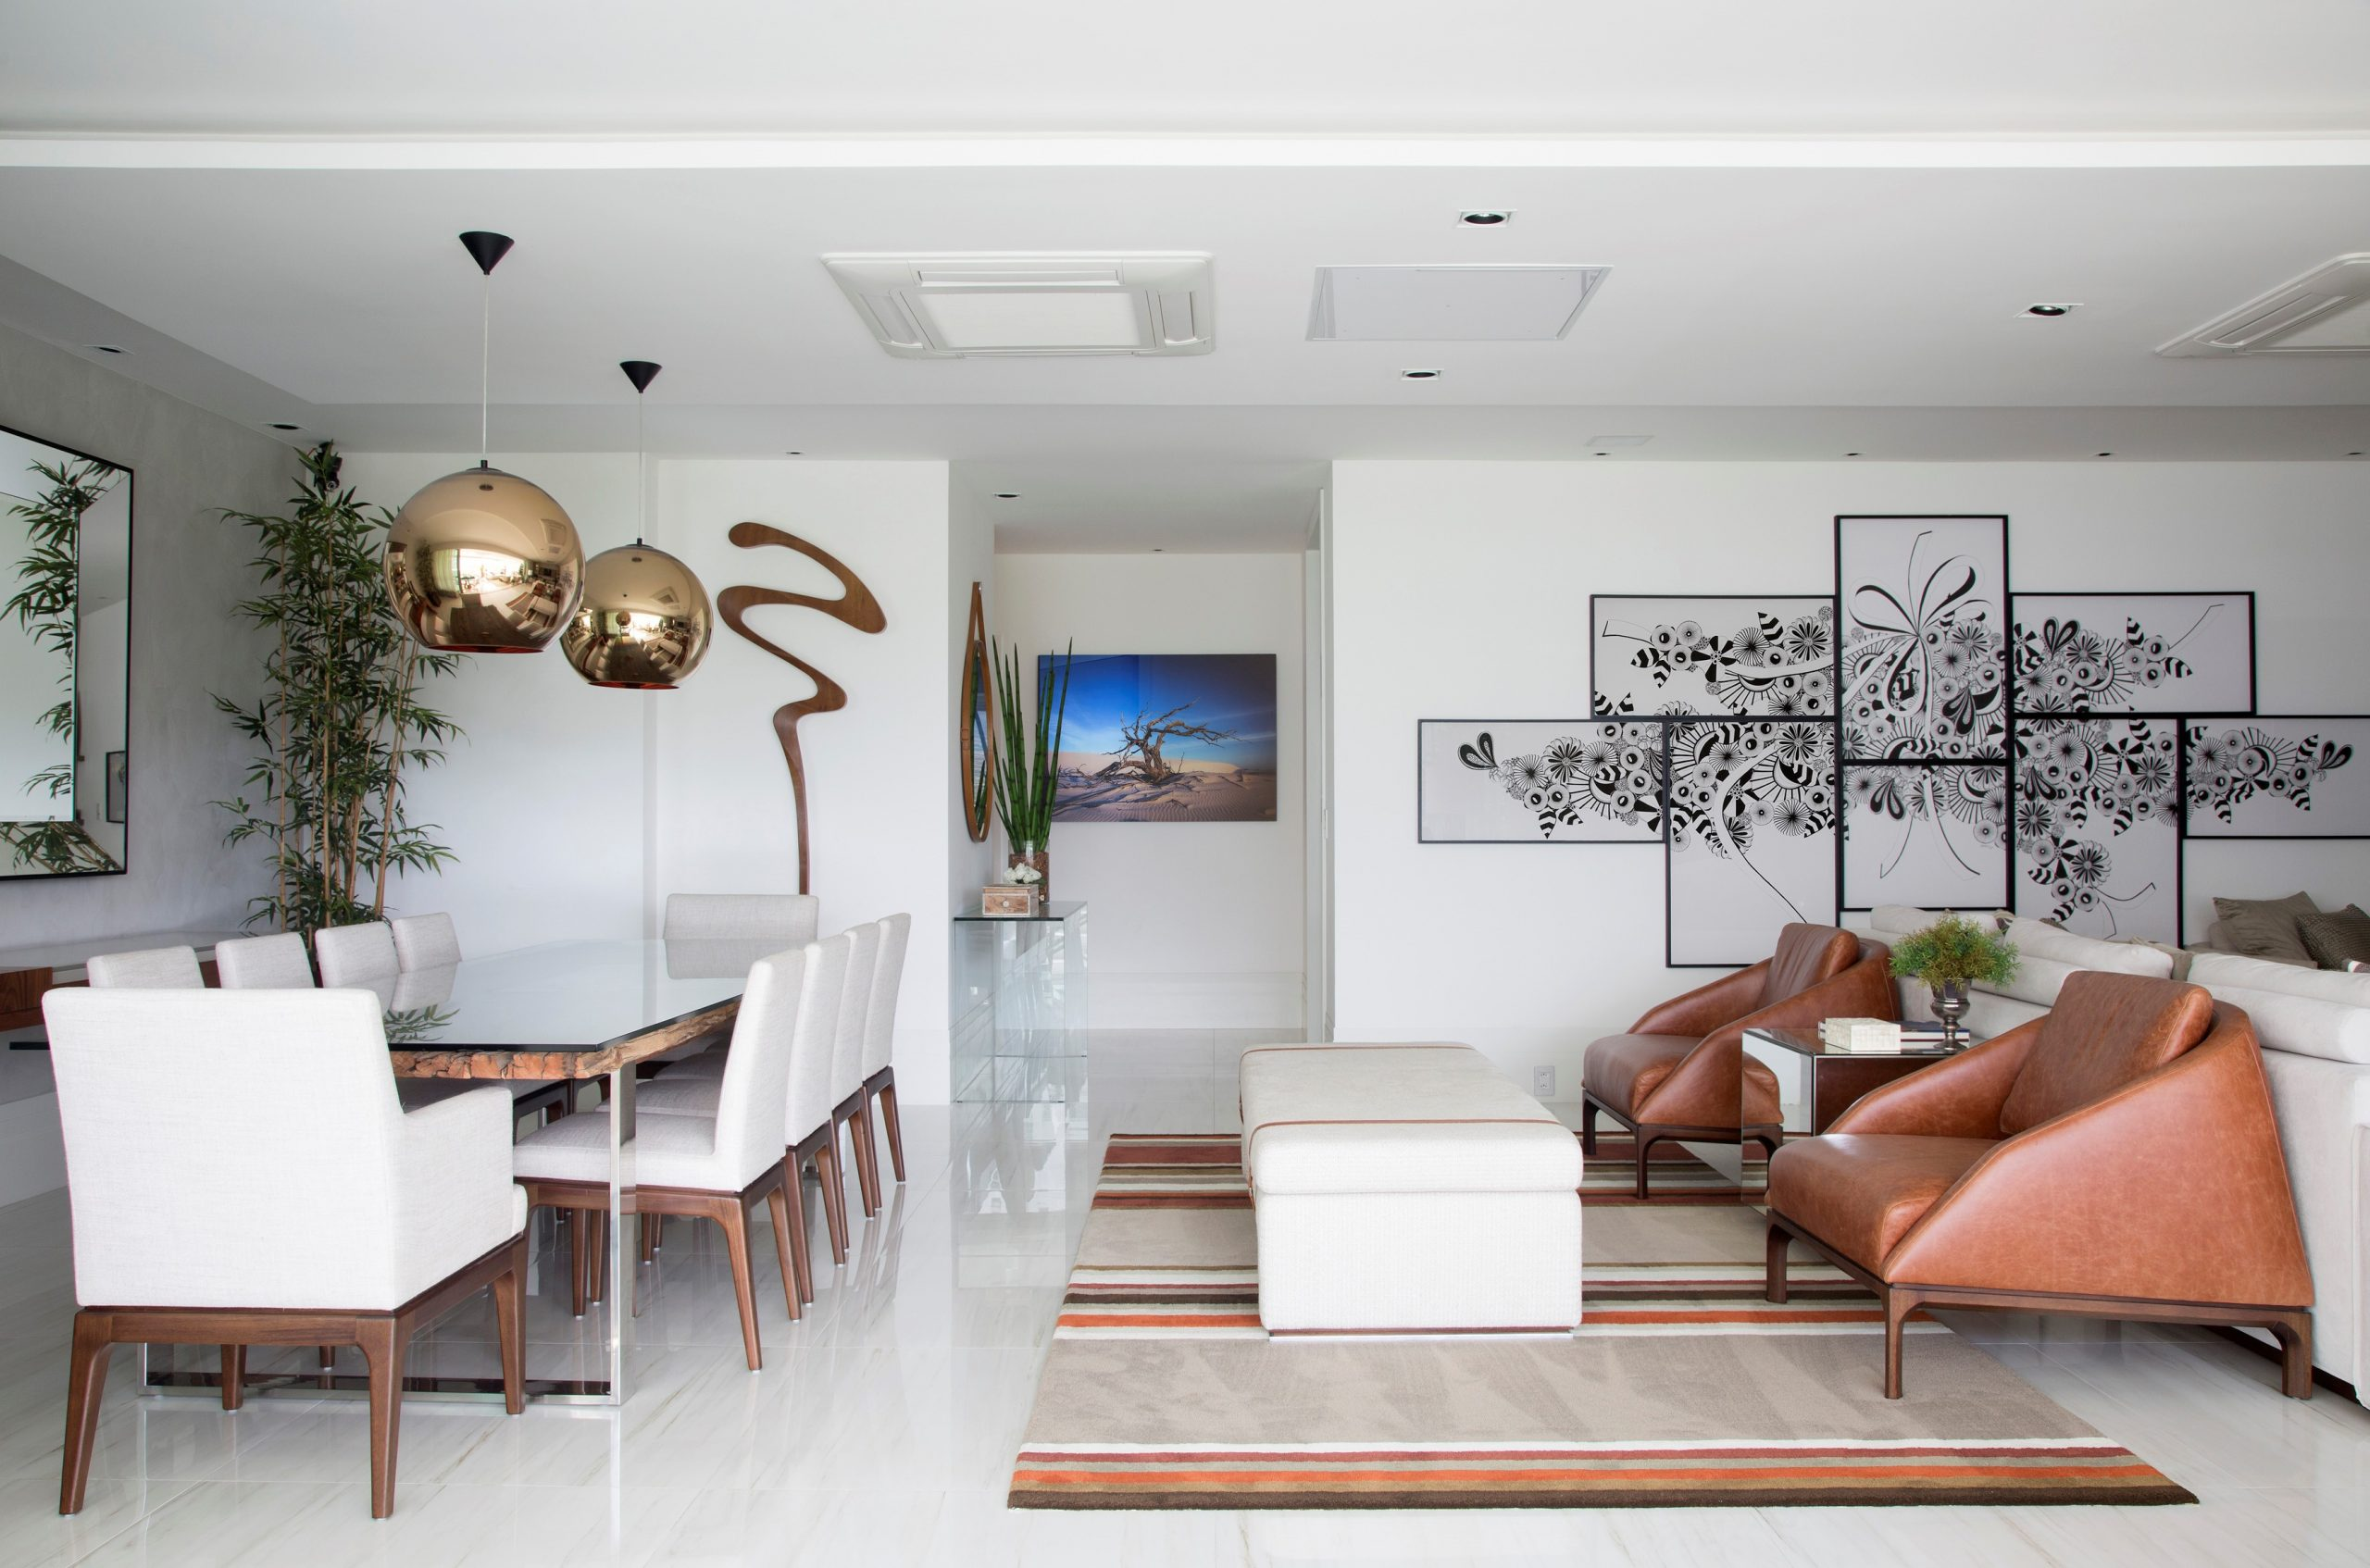 Decoração: Elegância e praticidade, conheça dicas de decoração infalíveis para sala